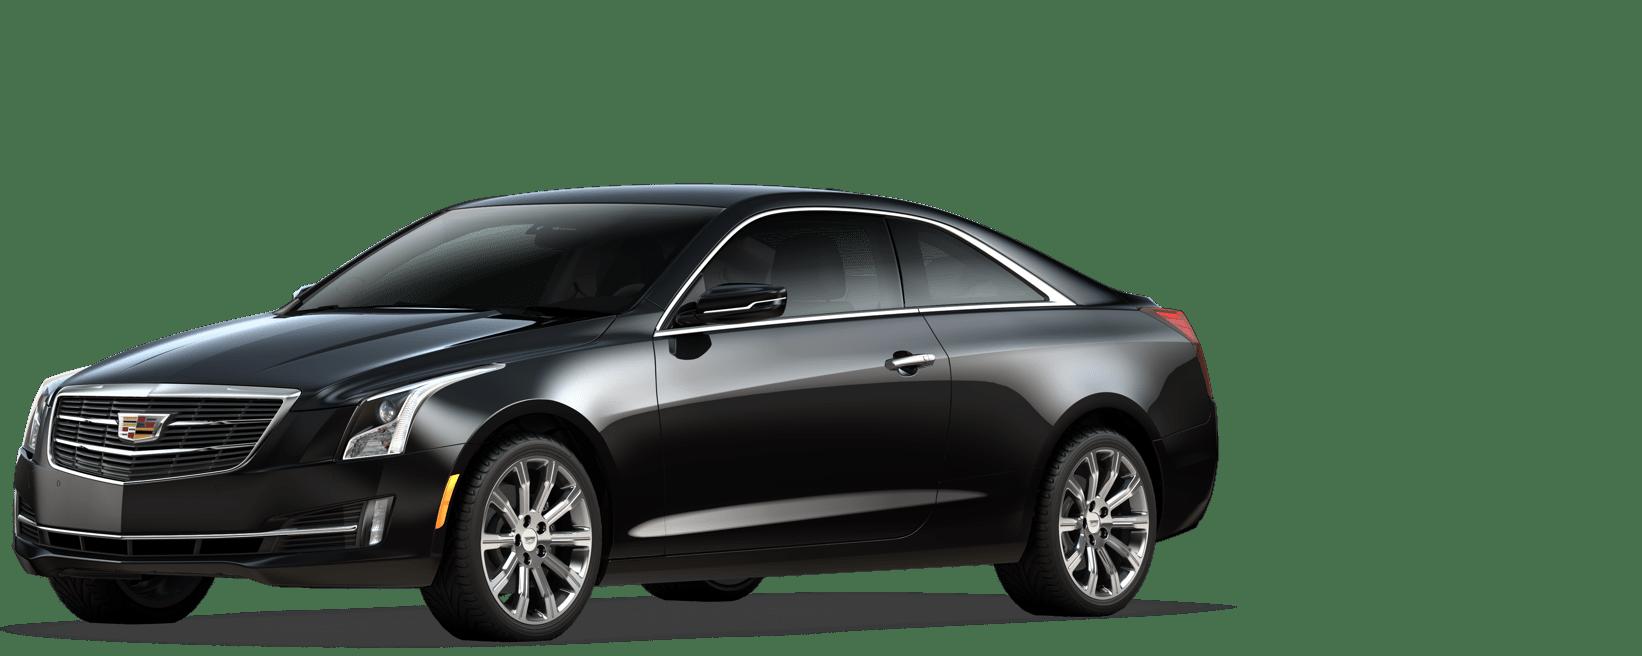 automobile appraisers